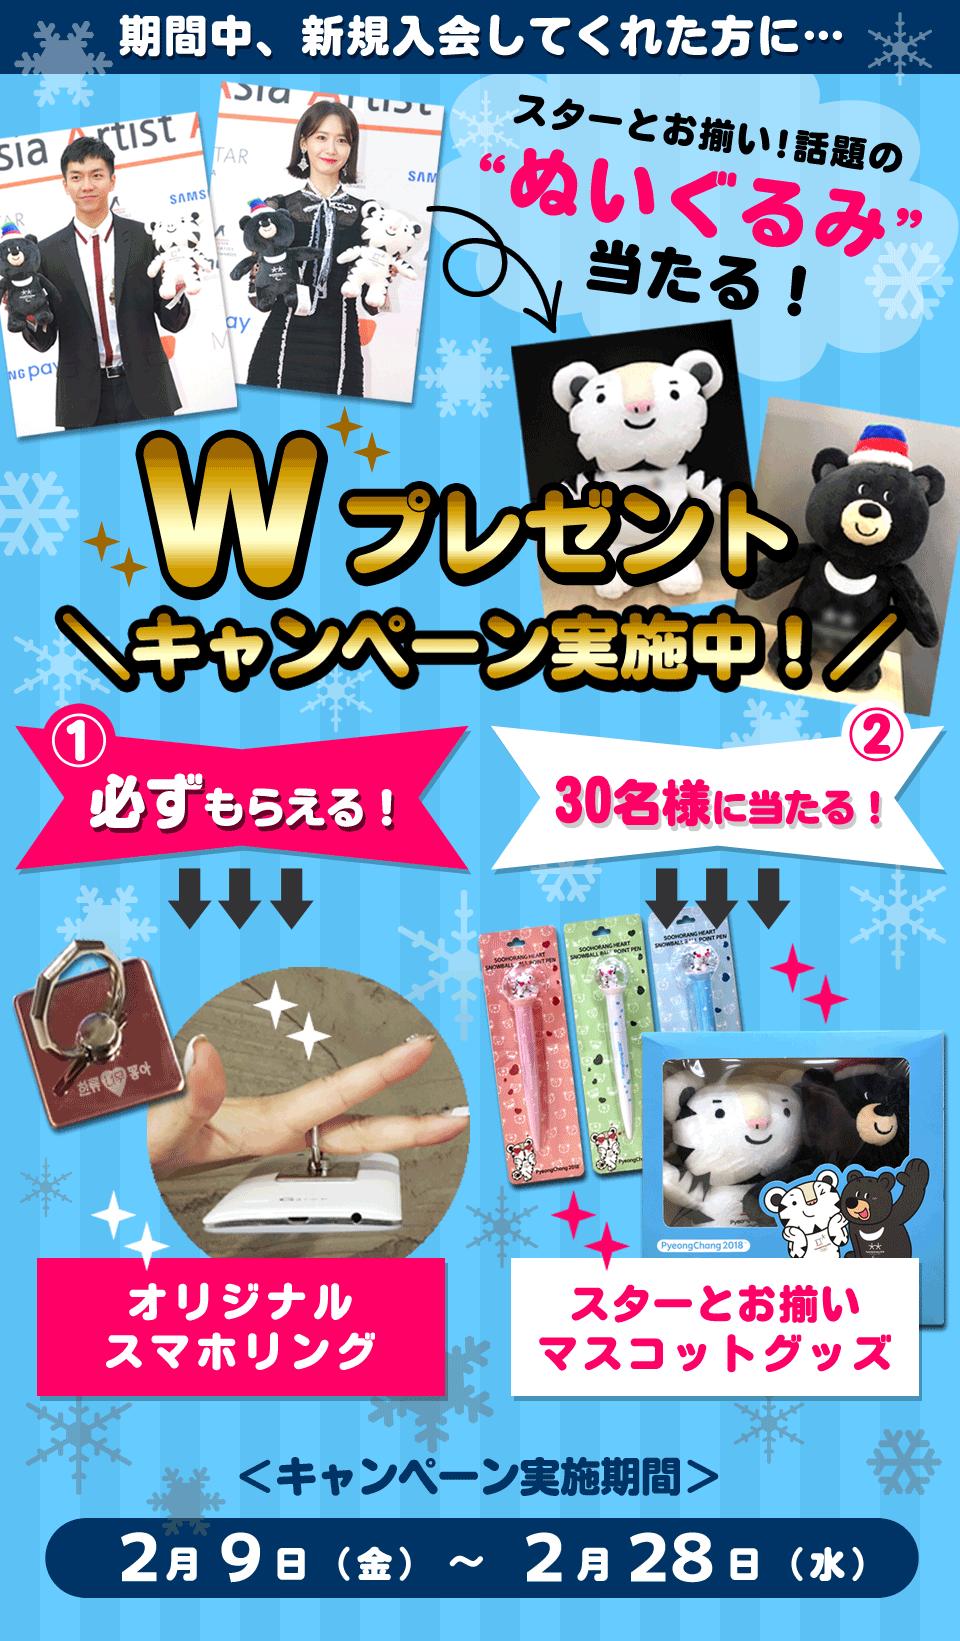 【必ずもらえる♪】新規入会Wプレゼントキャンペーン実施中!